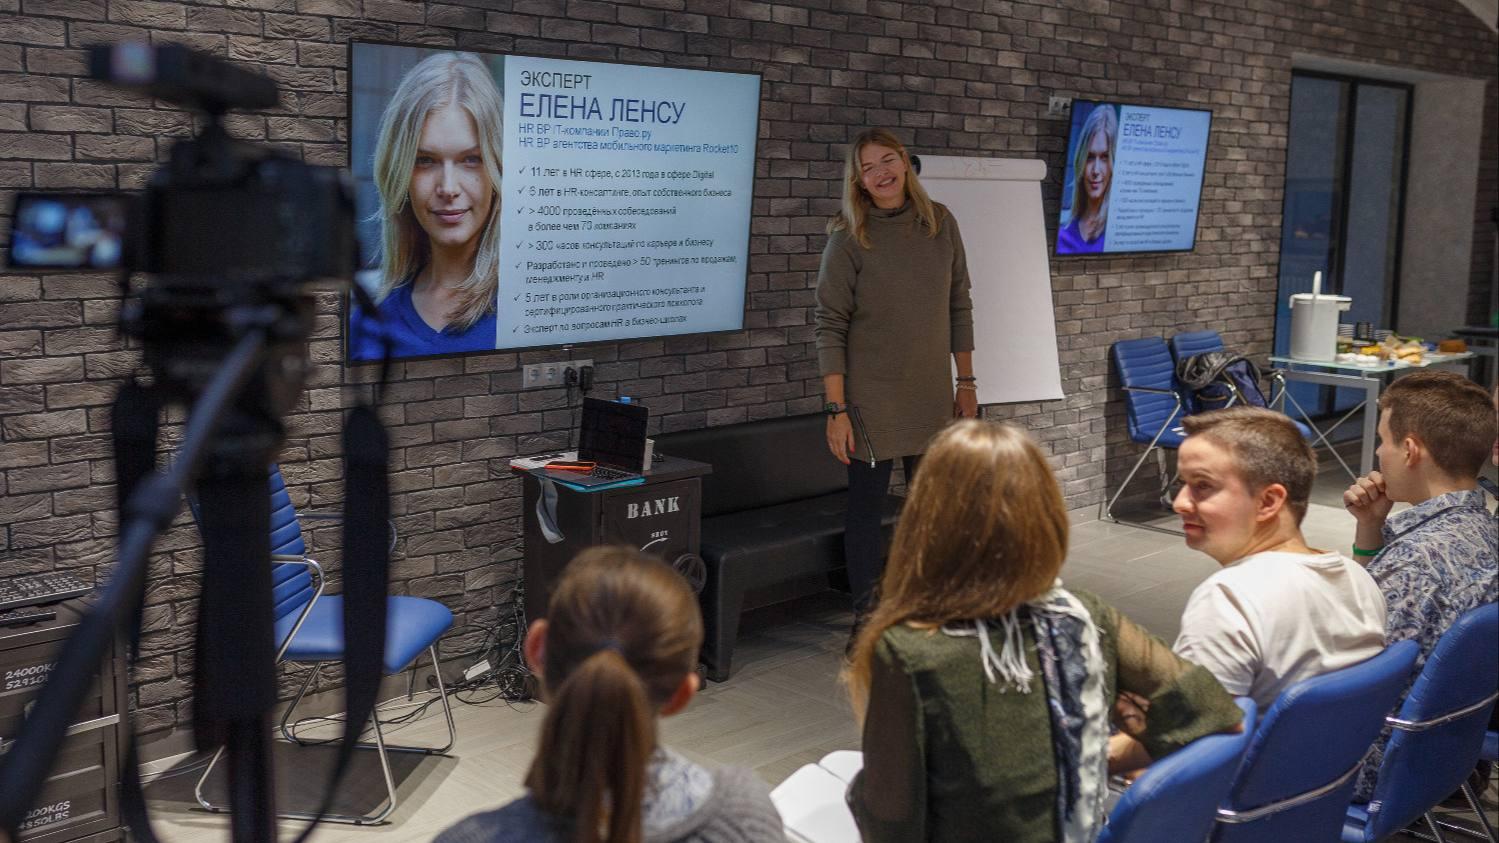 PROБизнес акселератор: лекция по продажам от Елены Ленсу 16 ноября